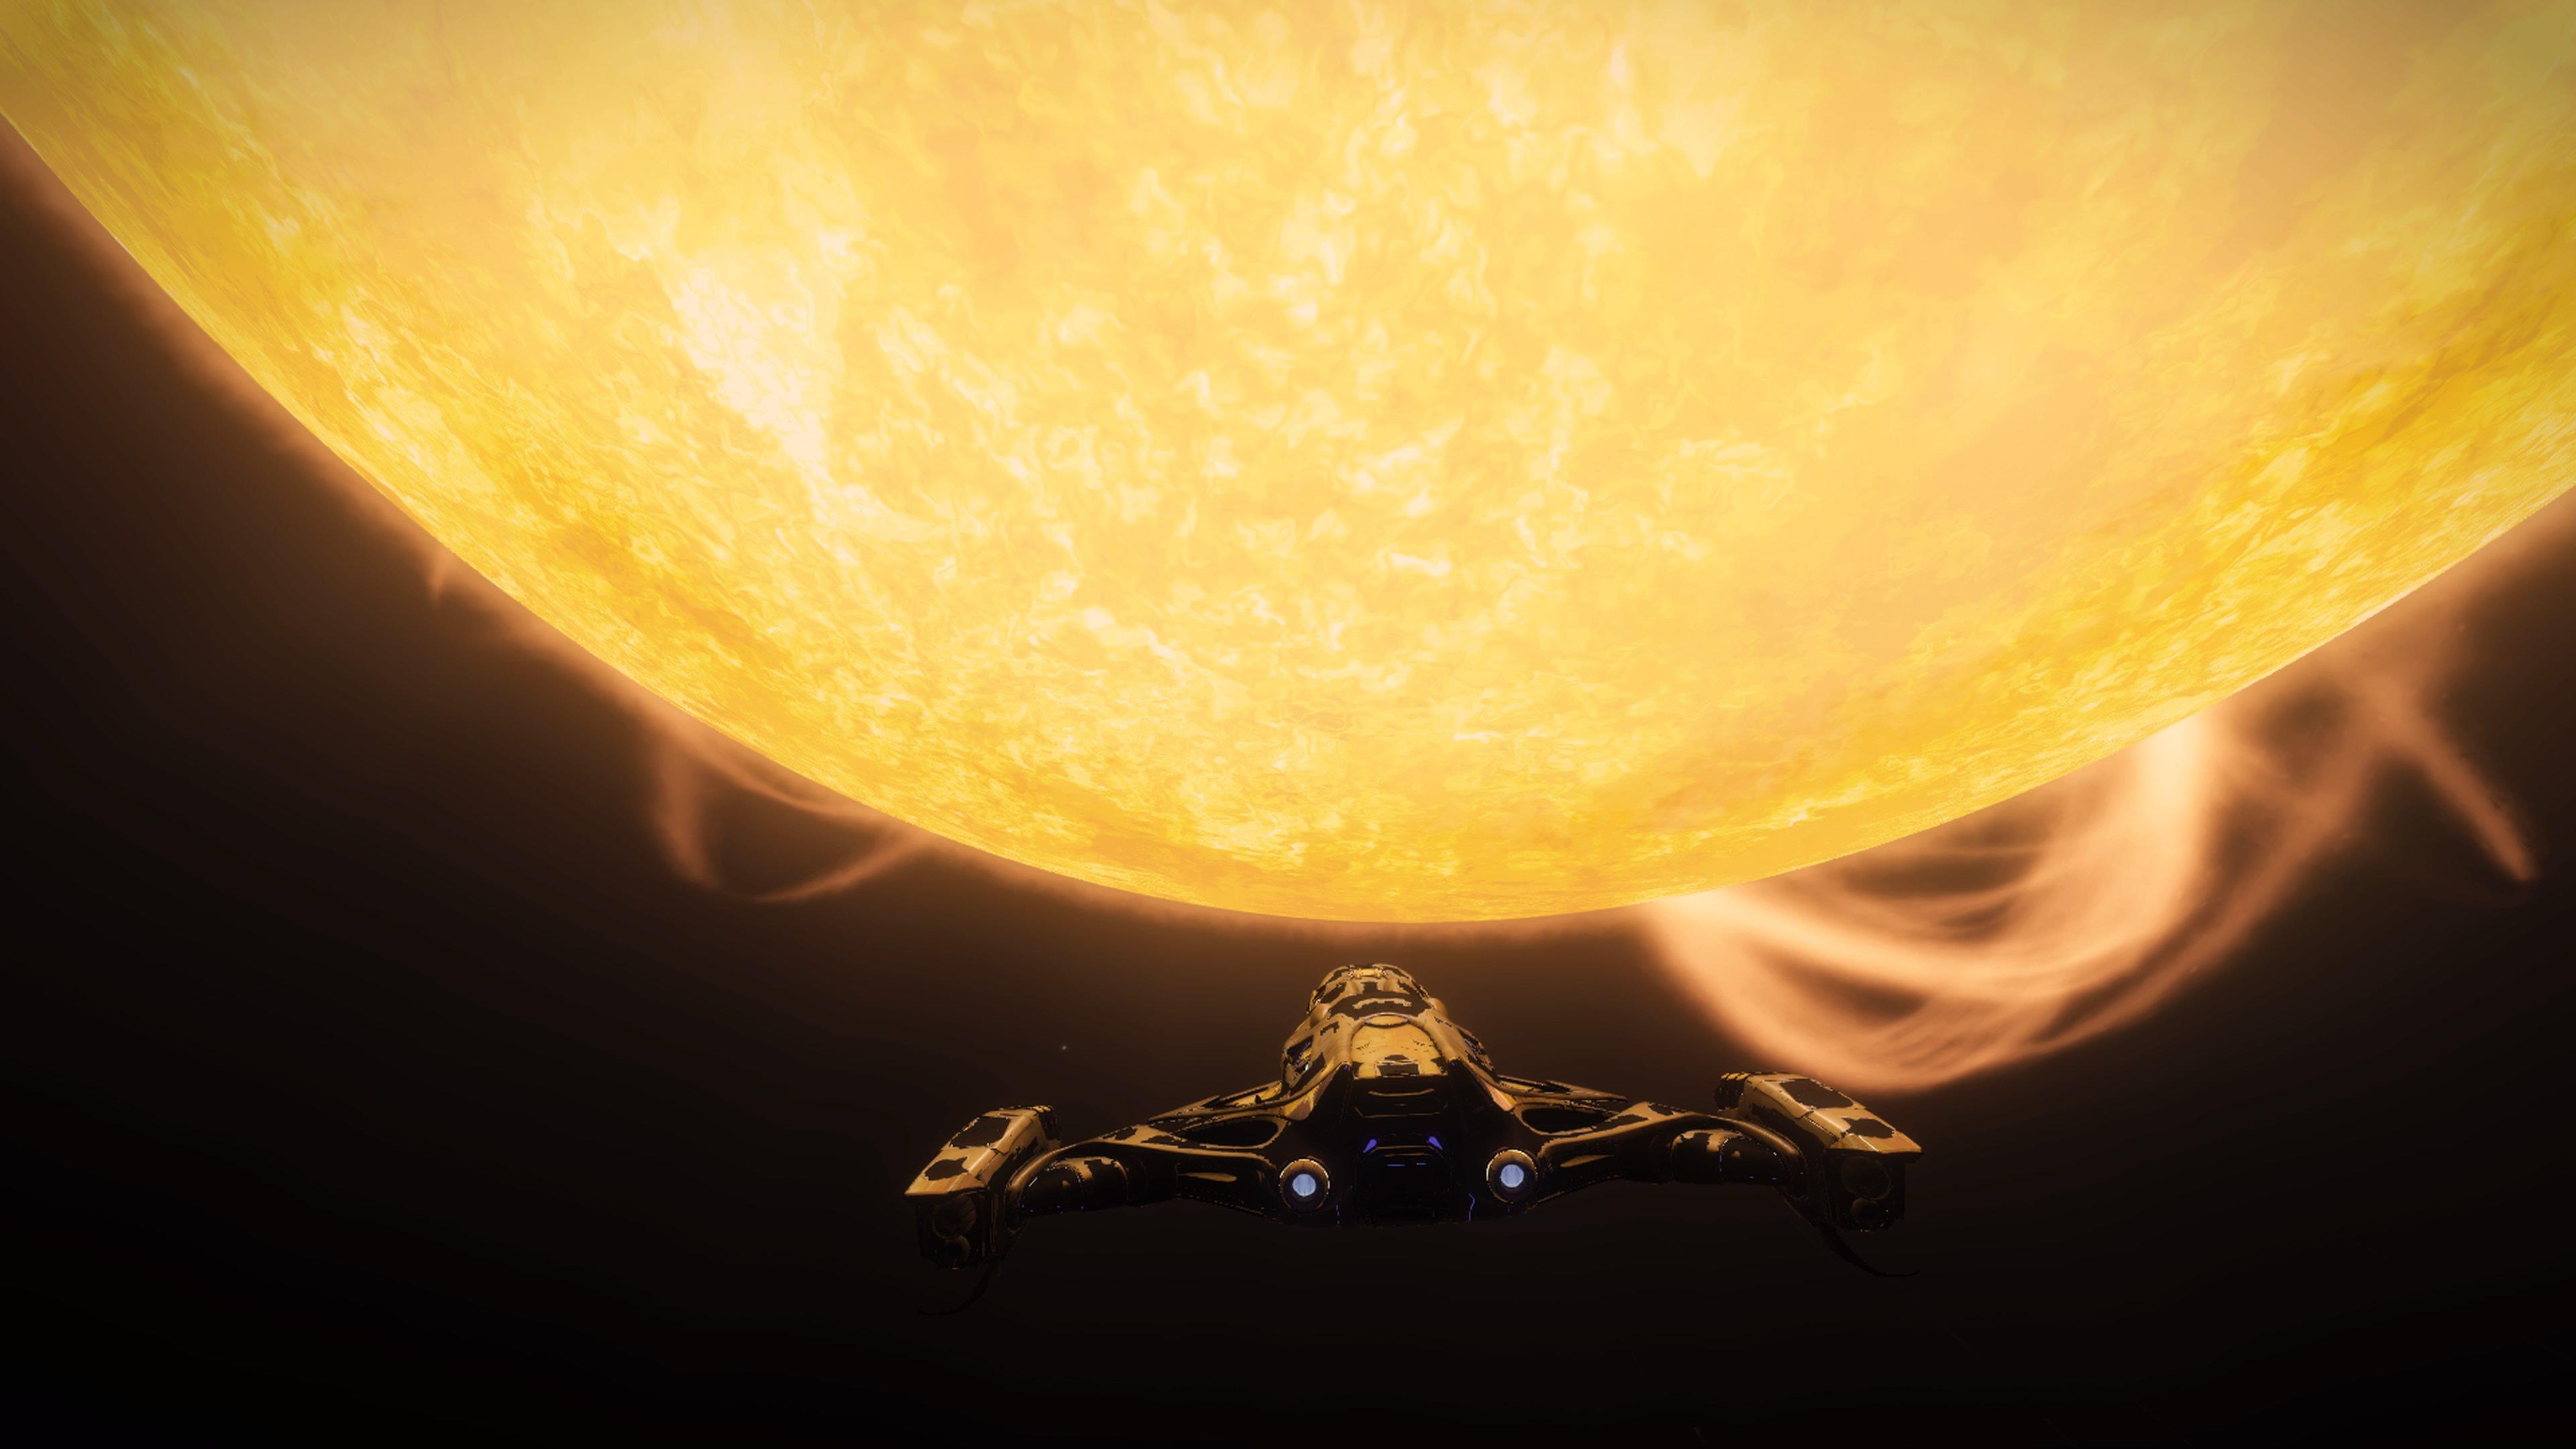 Basking at Amundsen's Star